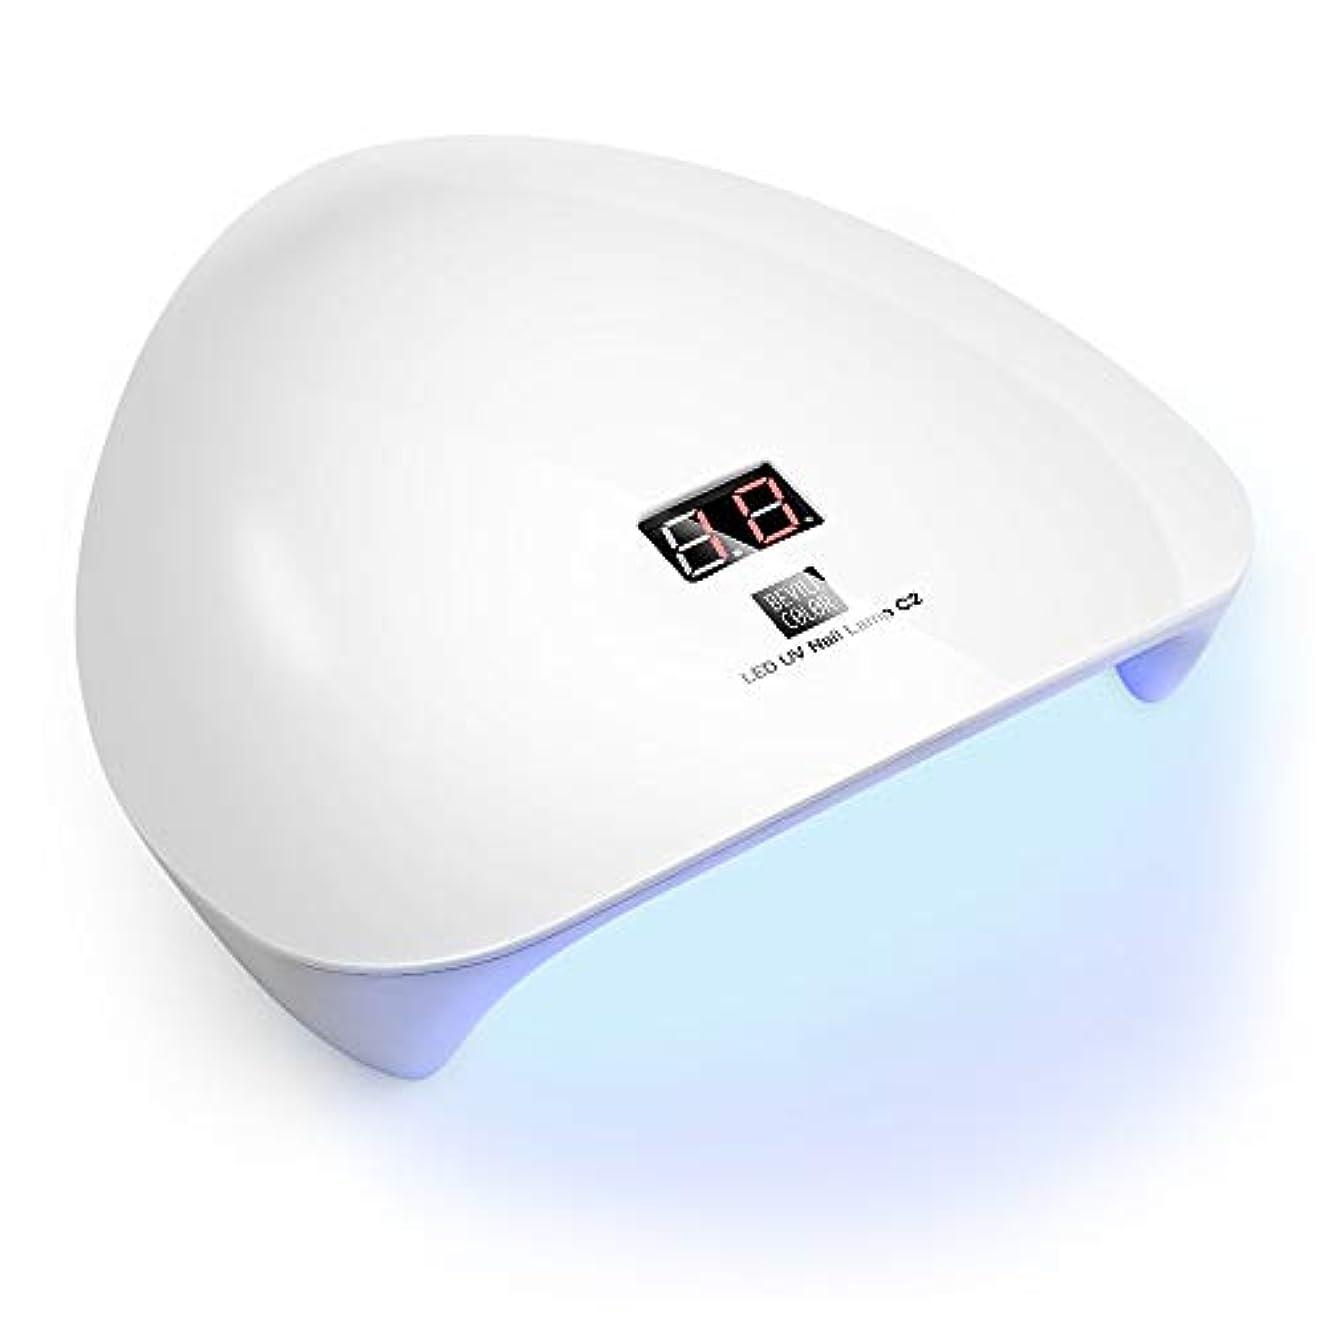 単にごちそう油WEVILI ネイル硬化用ライト UVライト LEDライト UVライトネイルドライヤー マニキュア用 LED ネイルドライヤー タイマー機能 自動センサー機能 レジン 便利 (45W 硬化用UVライト)